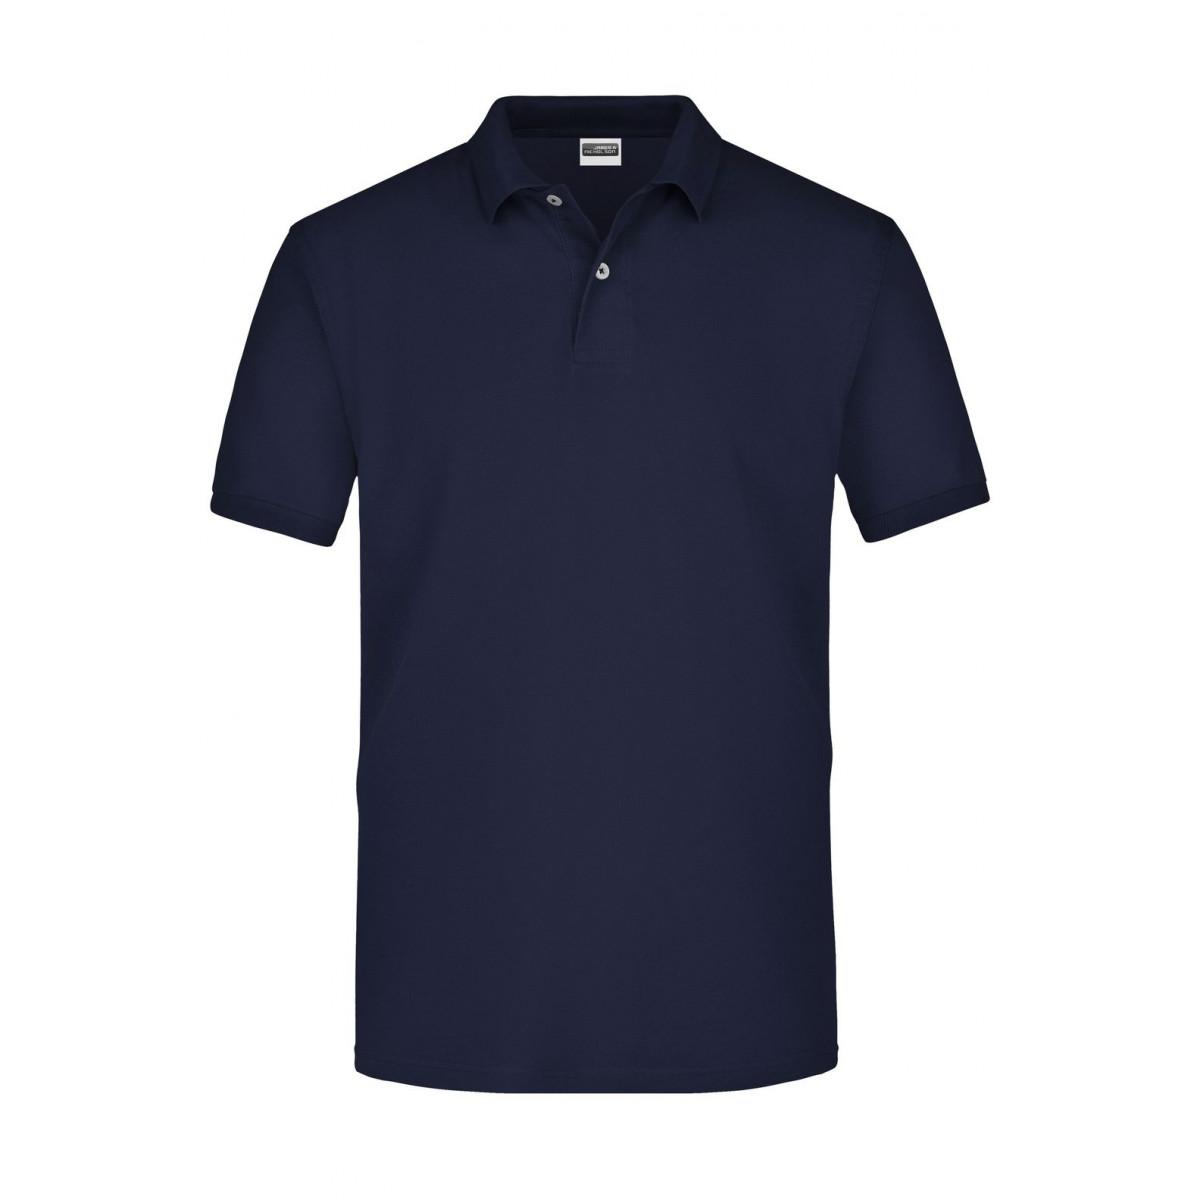 Рубашка поло мужская JN918 Basic Polo - Темно-синий